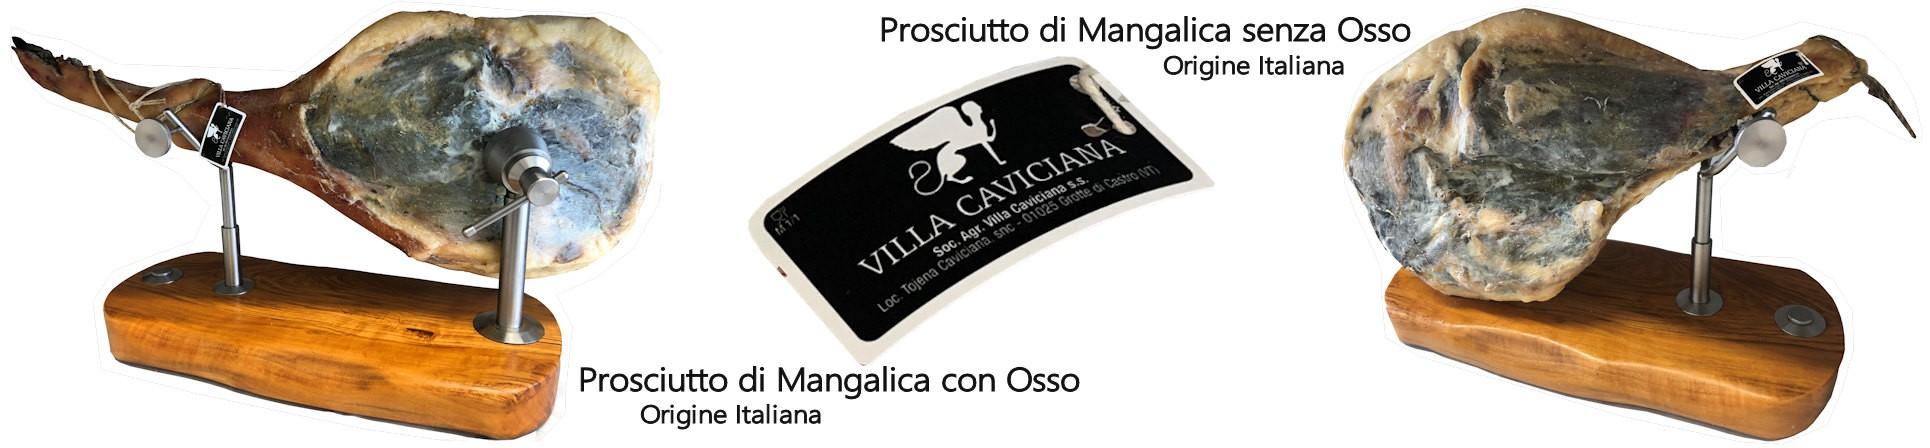 prosciutto di mangalica vendita online - VILLA CAVICIANA ALLEVAMENTI